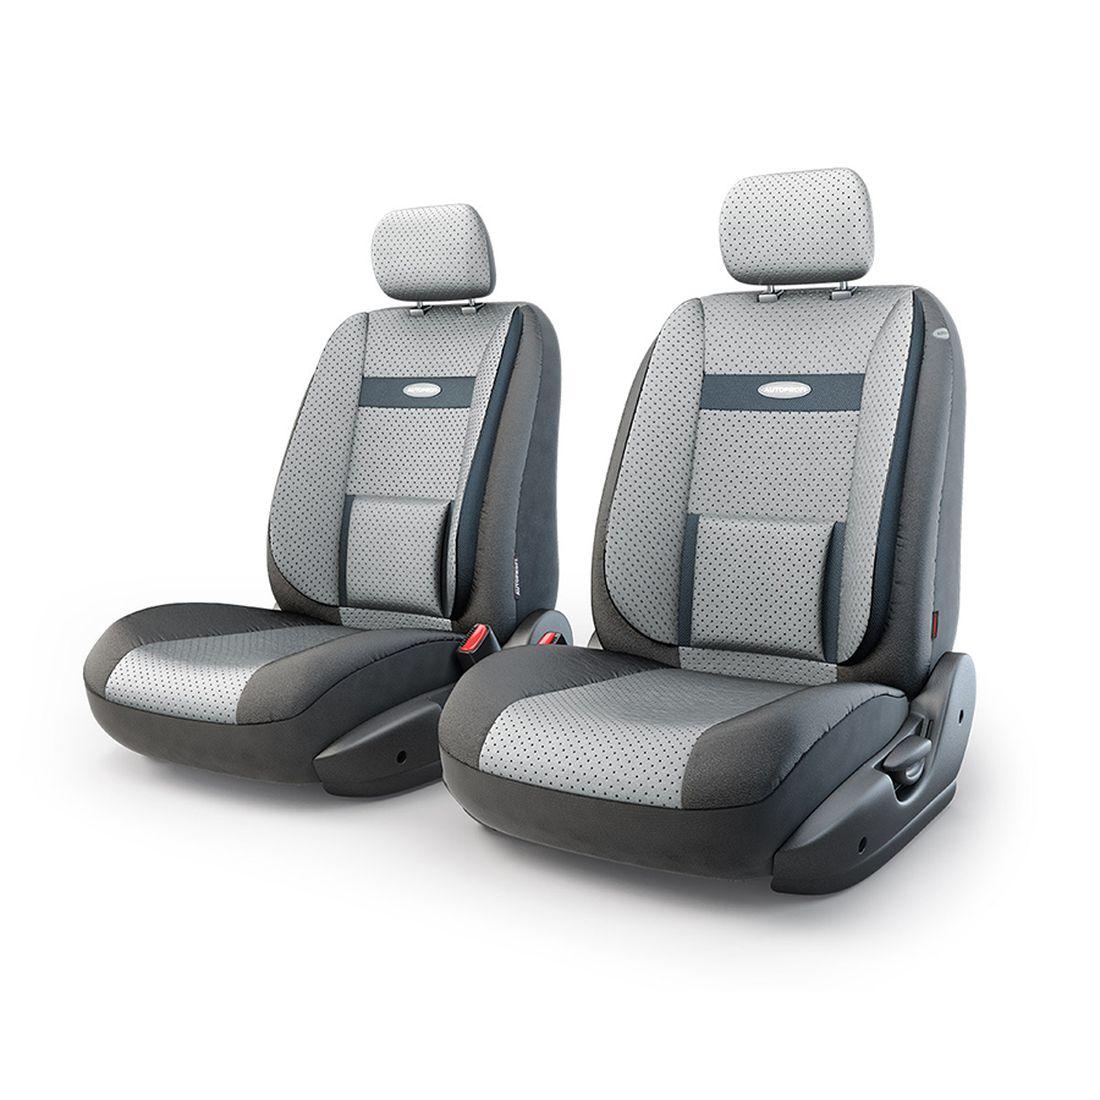 Чехлы автомобильные Autoprofi  Comfort, трансформер, экокожа, с ортопедической спинкой, цвет: черный, серый, 6 предметовст18фЧехлы из экокожи для переднего ряда сидений. Запатентованная модульная конструкция с молниями и торцевыми клапанами, благодаря которой чехлы идеально облегают сидения практически любых автомобилей: седанов, минивенов , внедорожников, универсалов или хэтчбеков. Классический дизайн и качественная долговечная экокожа. Анатомическое строение для разгрузки спины при длительном сидении. Адаптированы под кресла переднего ряда с боковыми подушками безопасности. Оснащены карманами в спинках.Возможна установка в 5, 7, 8-местный автомобиль